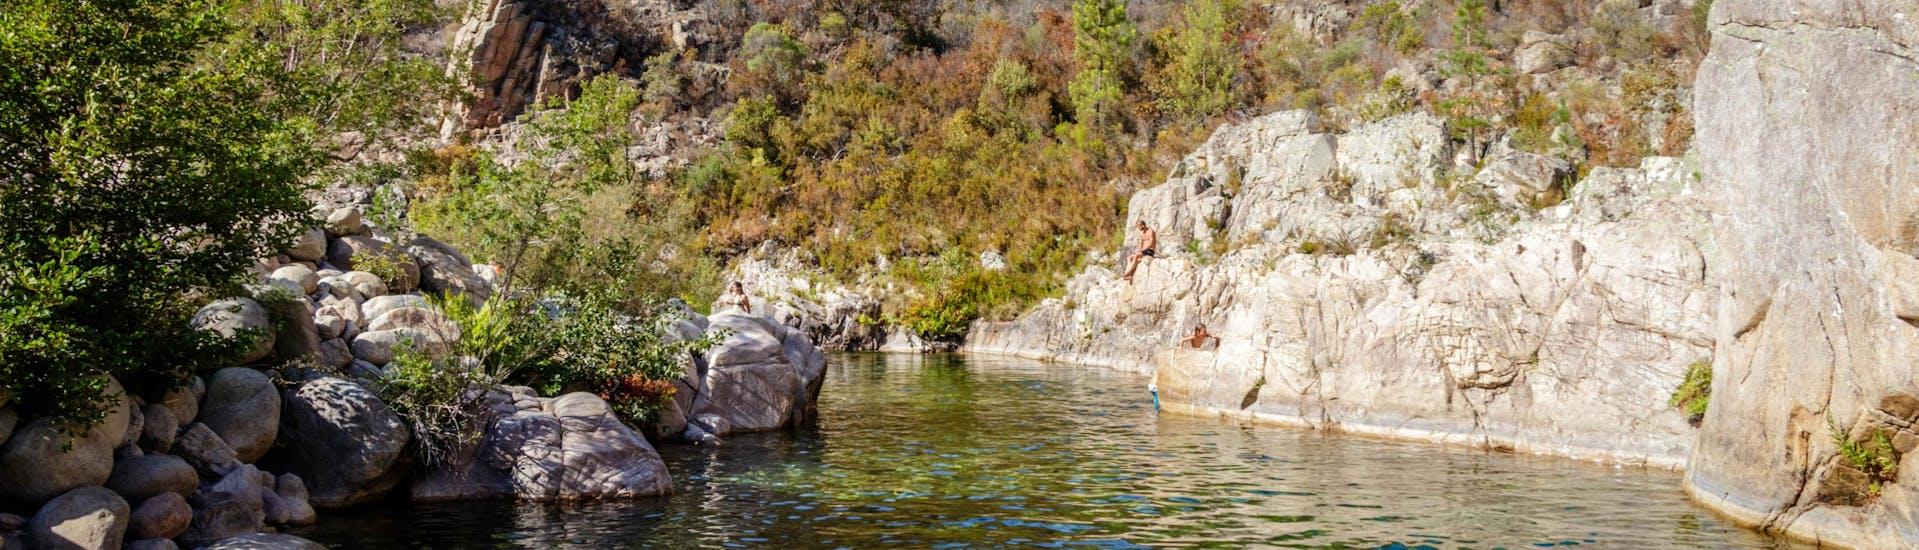 Une photo de la Solenzara telle qu'on peut la voir pendant une sortie canyoning en Corse.